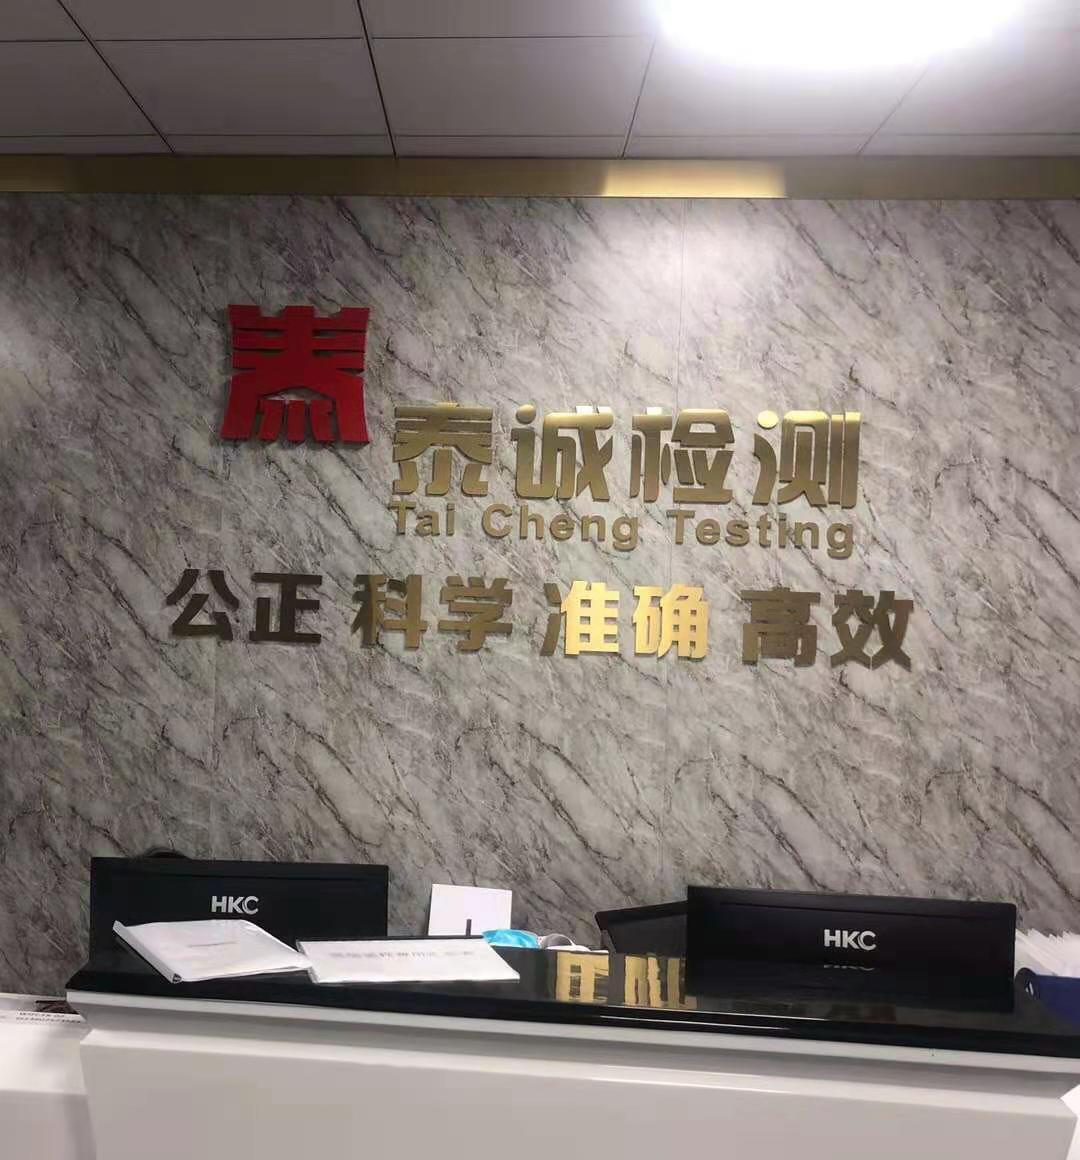 深圳市泰誠檢測有限公司Logo